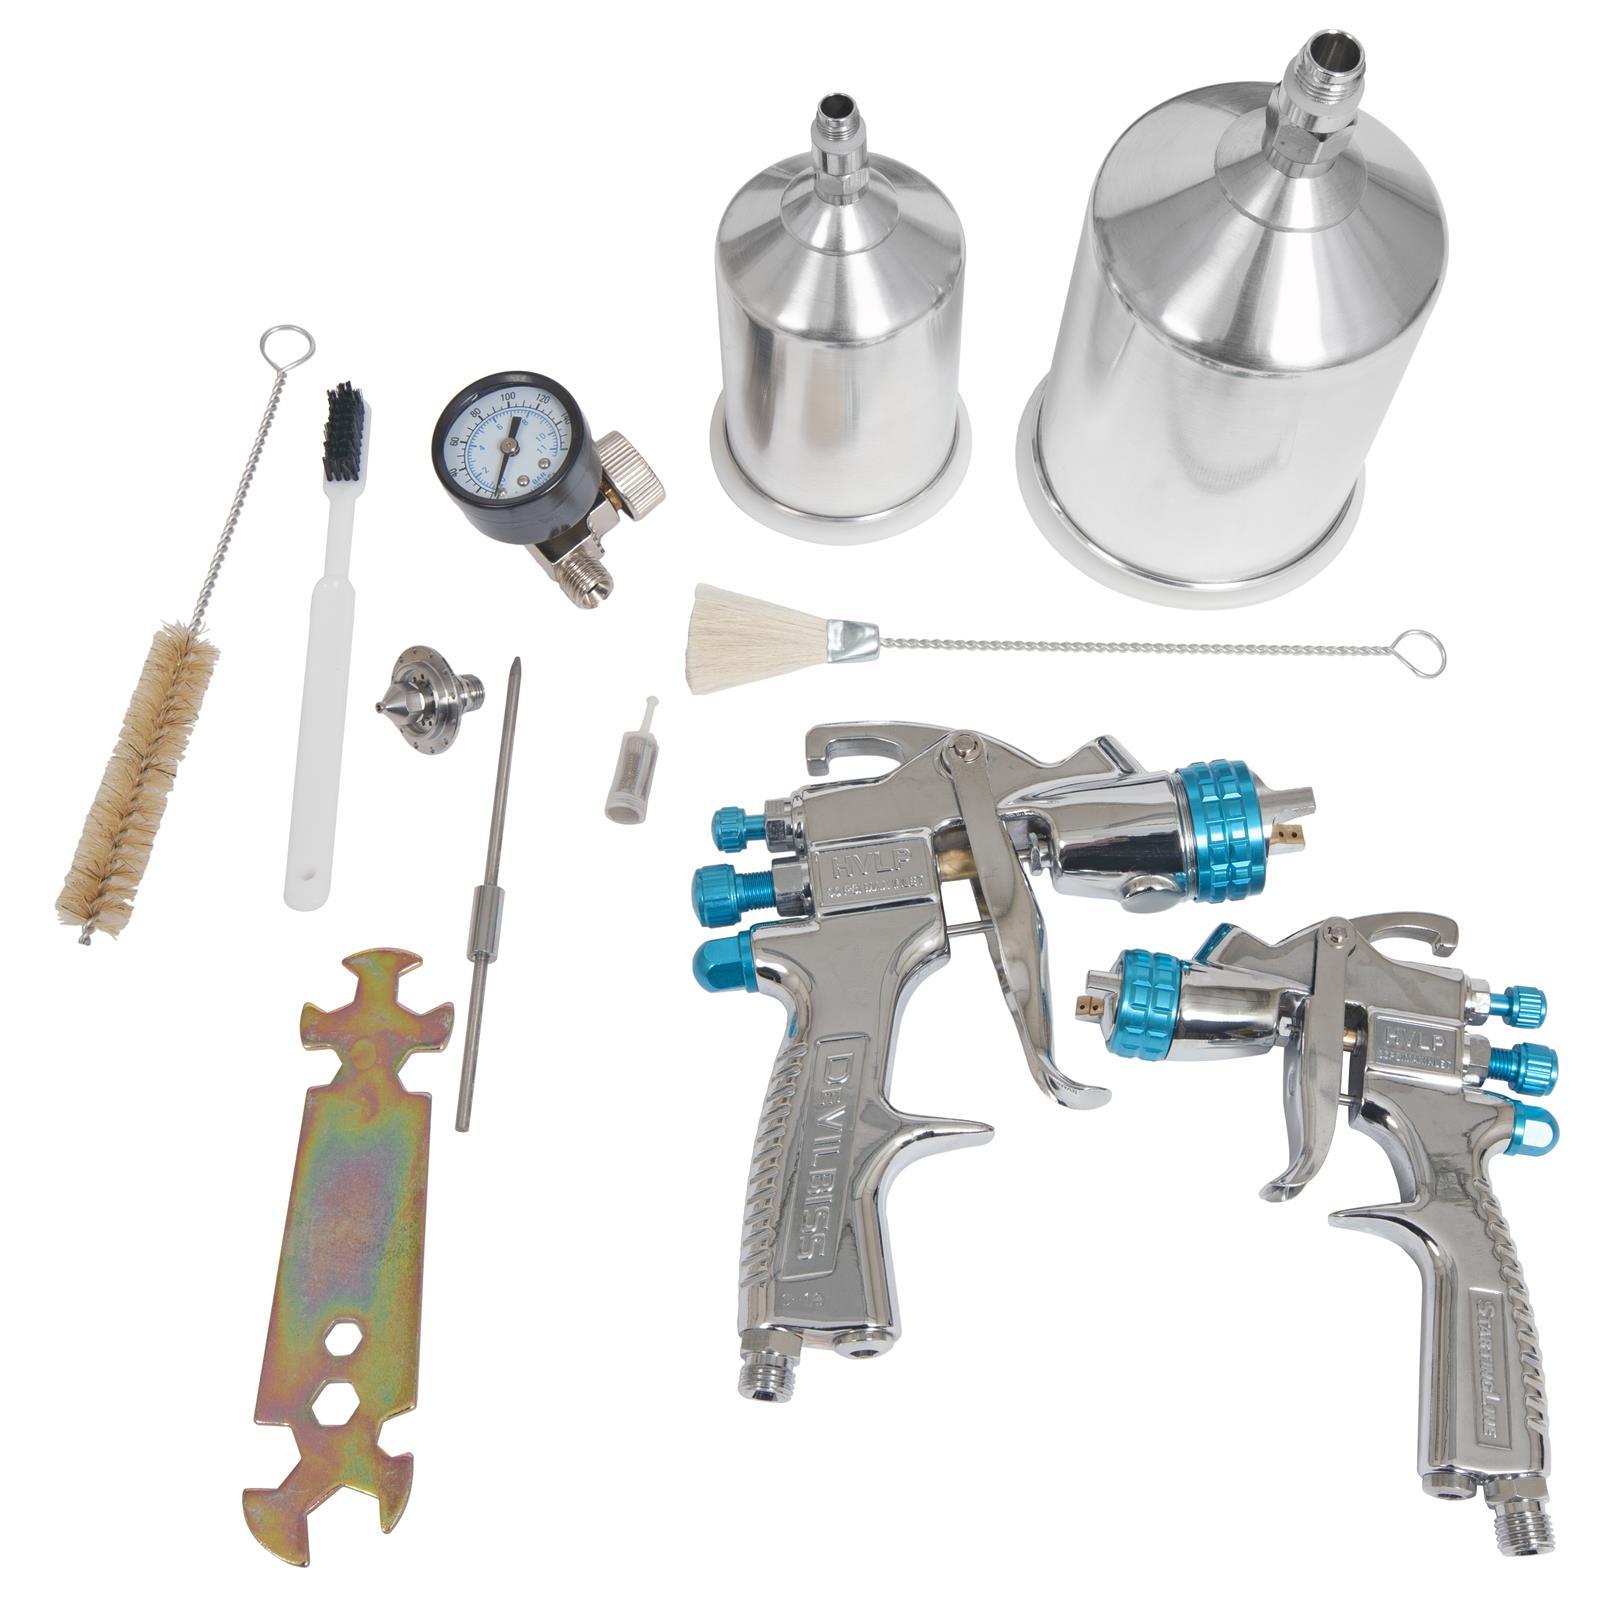 Hvlp Spray Gun Kit >> Devilbiss Startingline Hvlp Gravity Feed Paint Spray Gun Kits 802342